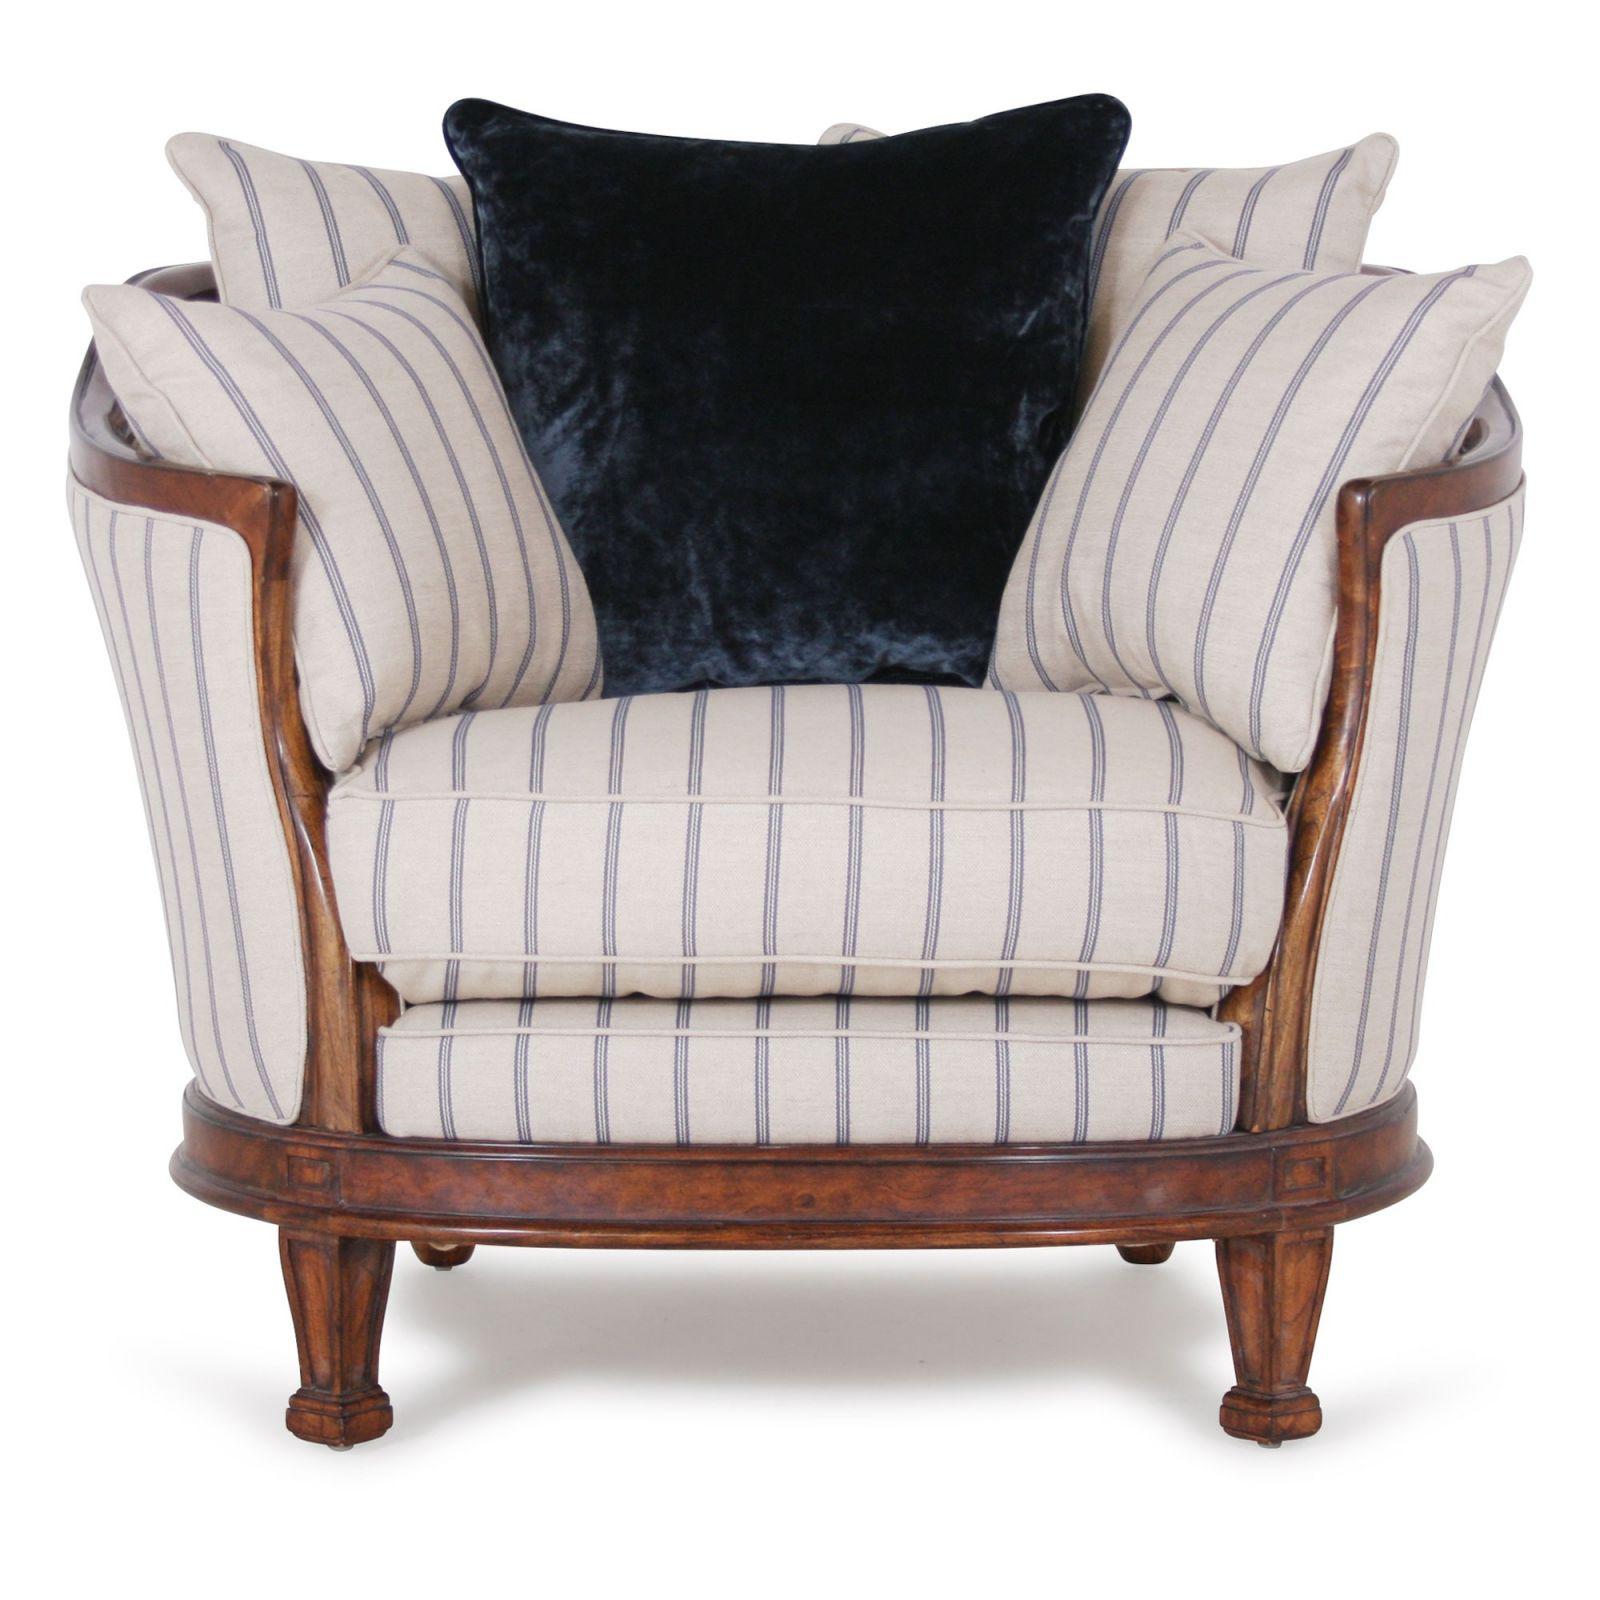 Mauretania Chair with fabric sides in blue Gabriel stripe